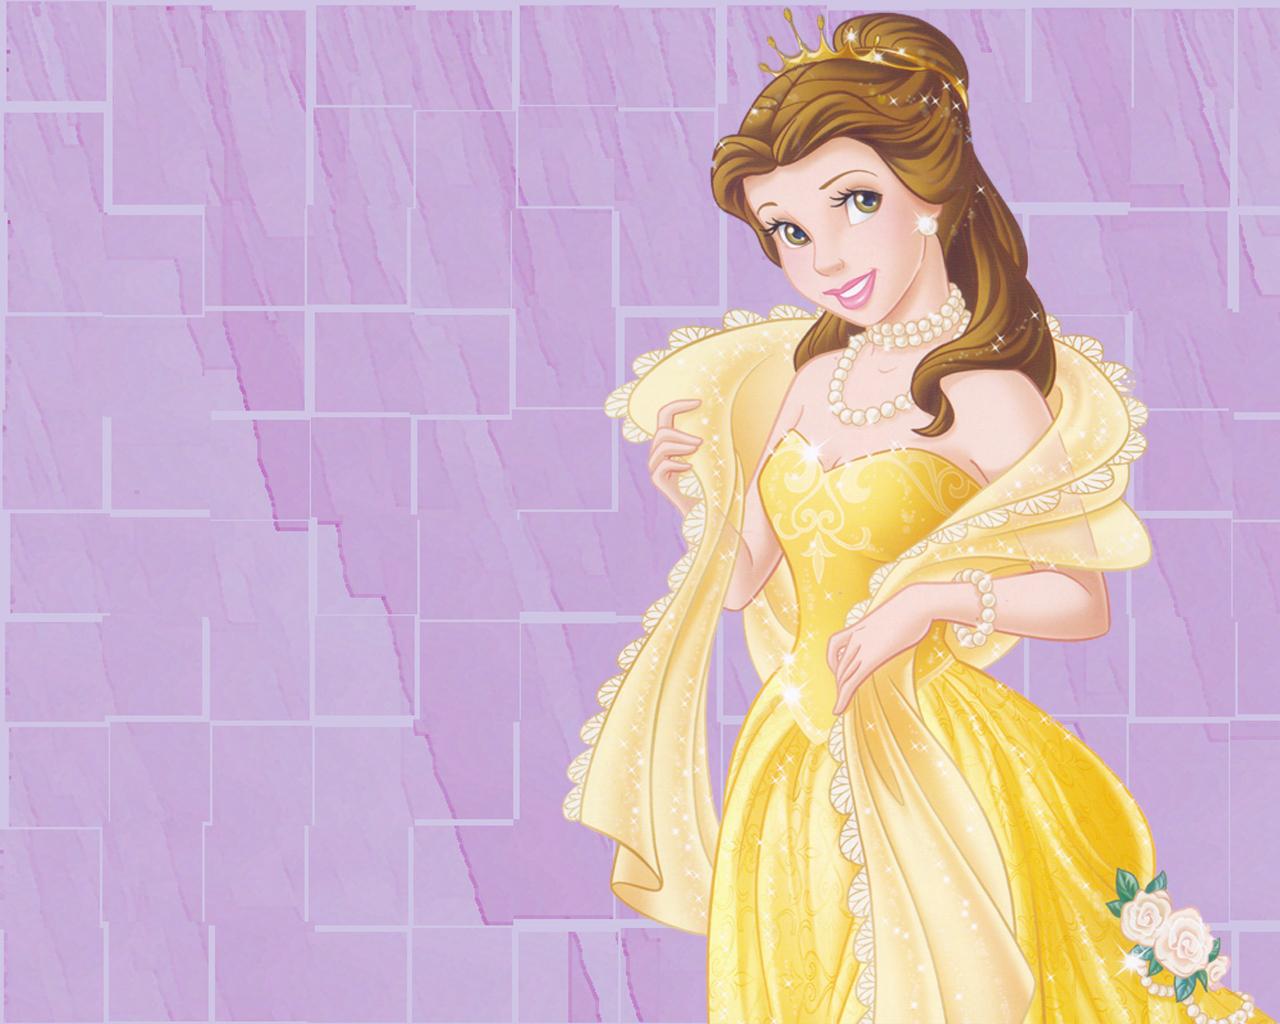 プリンセス プリンセスの画像 p1_17